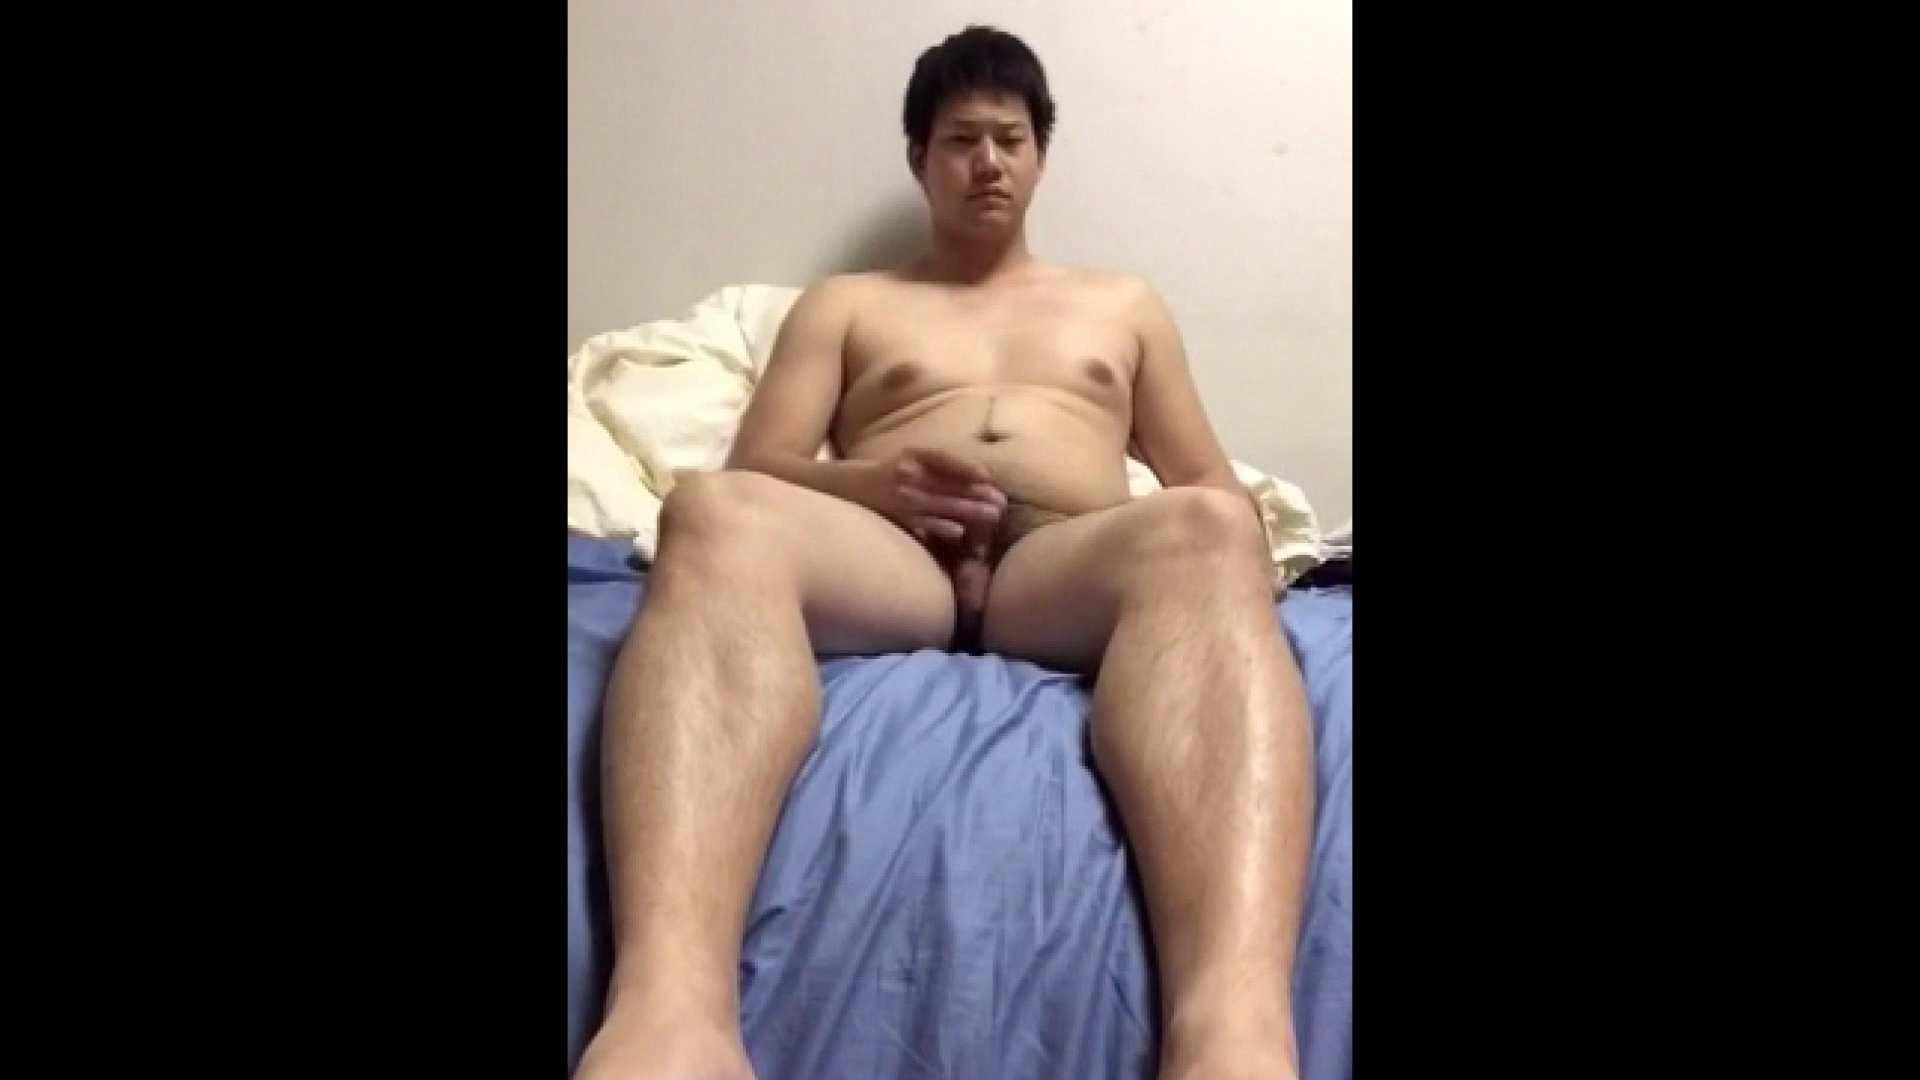 個人撮影 自慰の極意 Vol.18 オナニー専門男子 ゲイアダルト画像 76画像 42